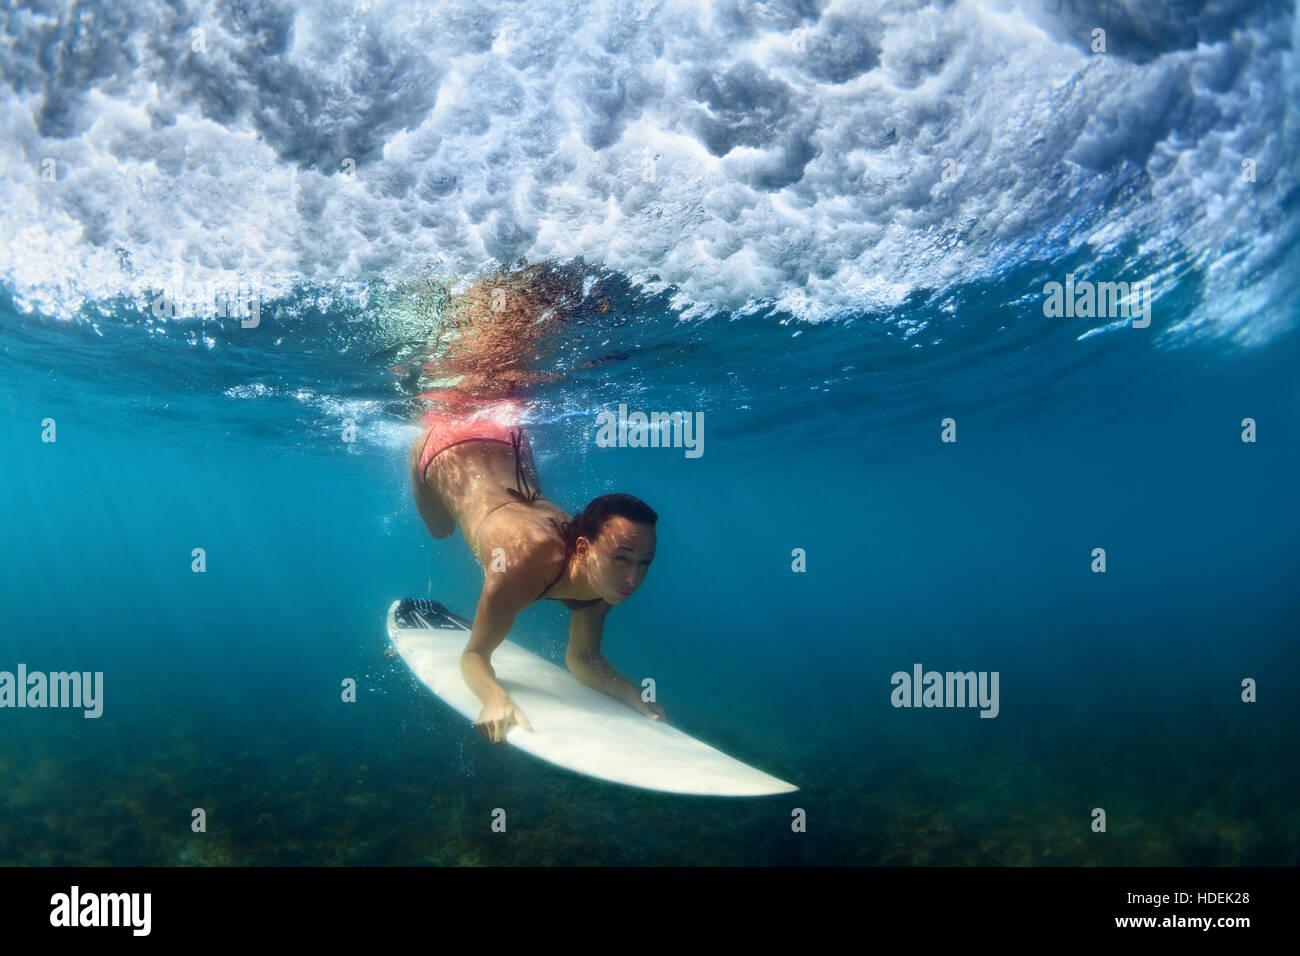 Chica en Bikini en el Surf Action. Surfer con surf buceo bajo el romper de las olas del océano submarino extrema Imagen De Stock